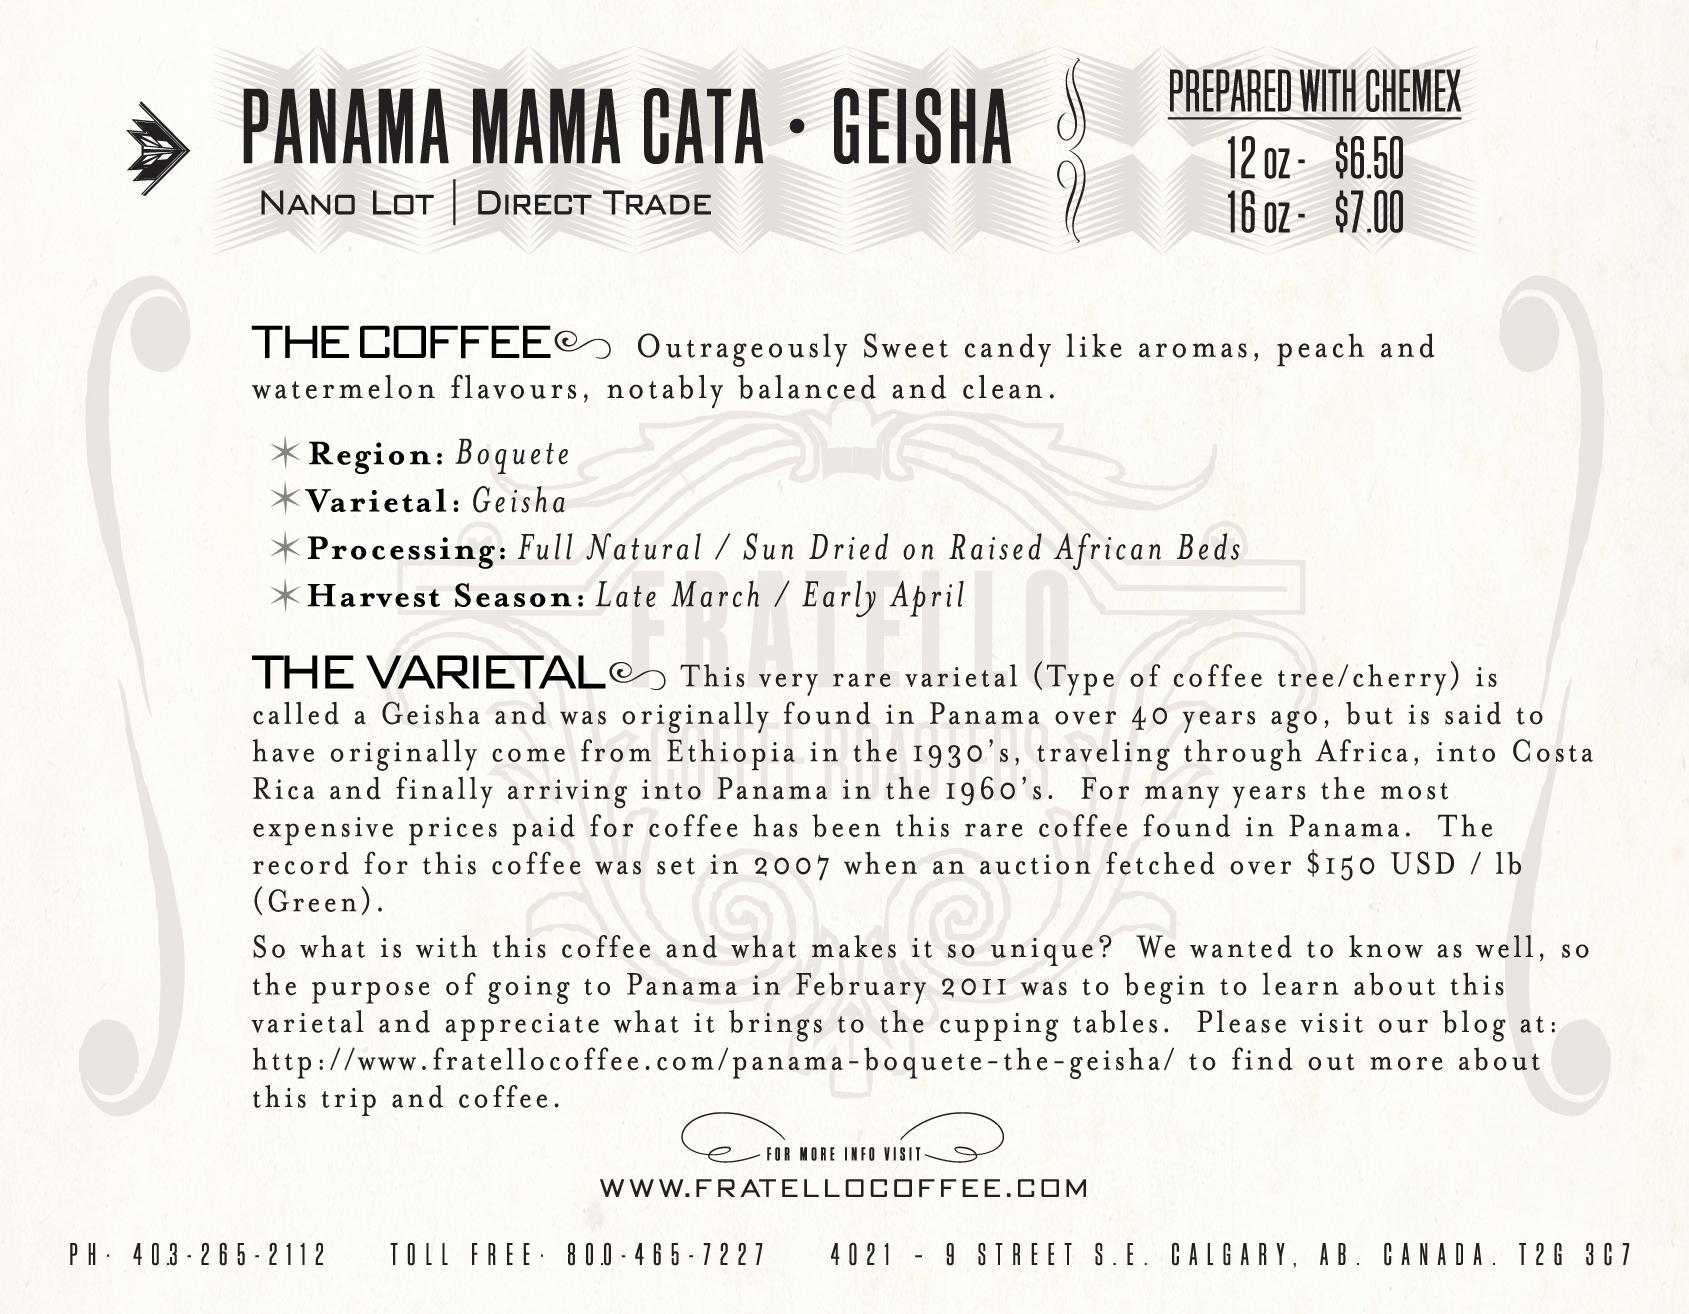 Panama Mama Cata Natural Geisha